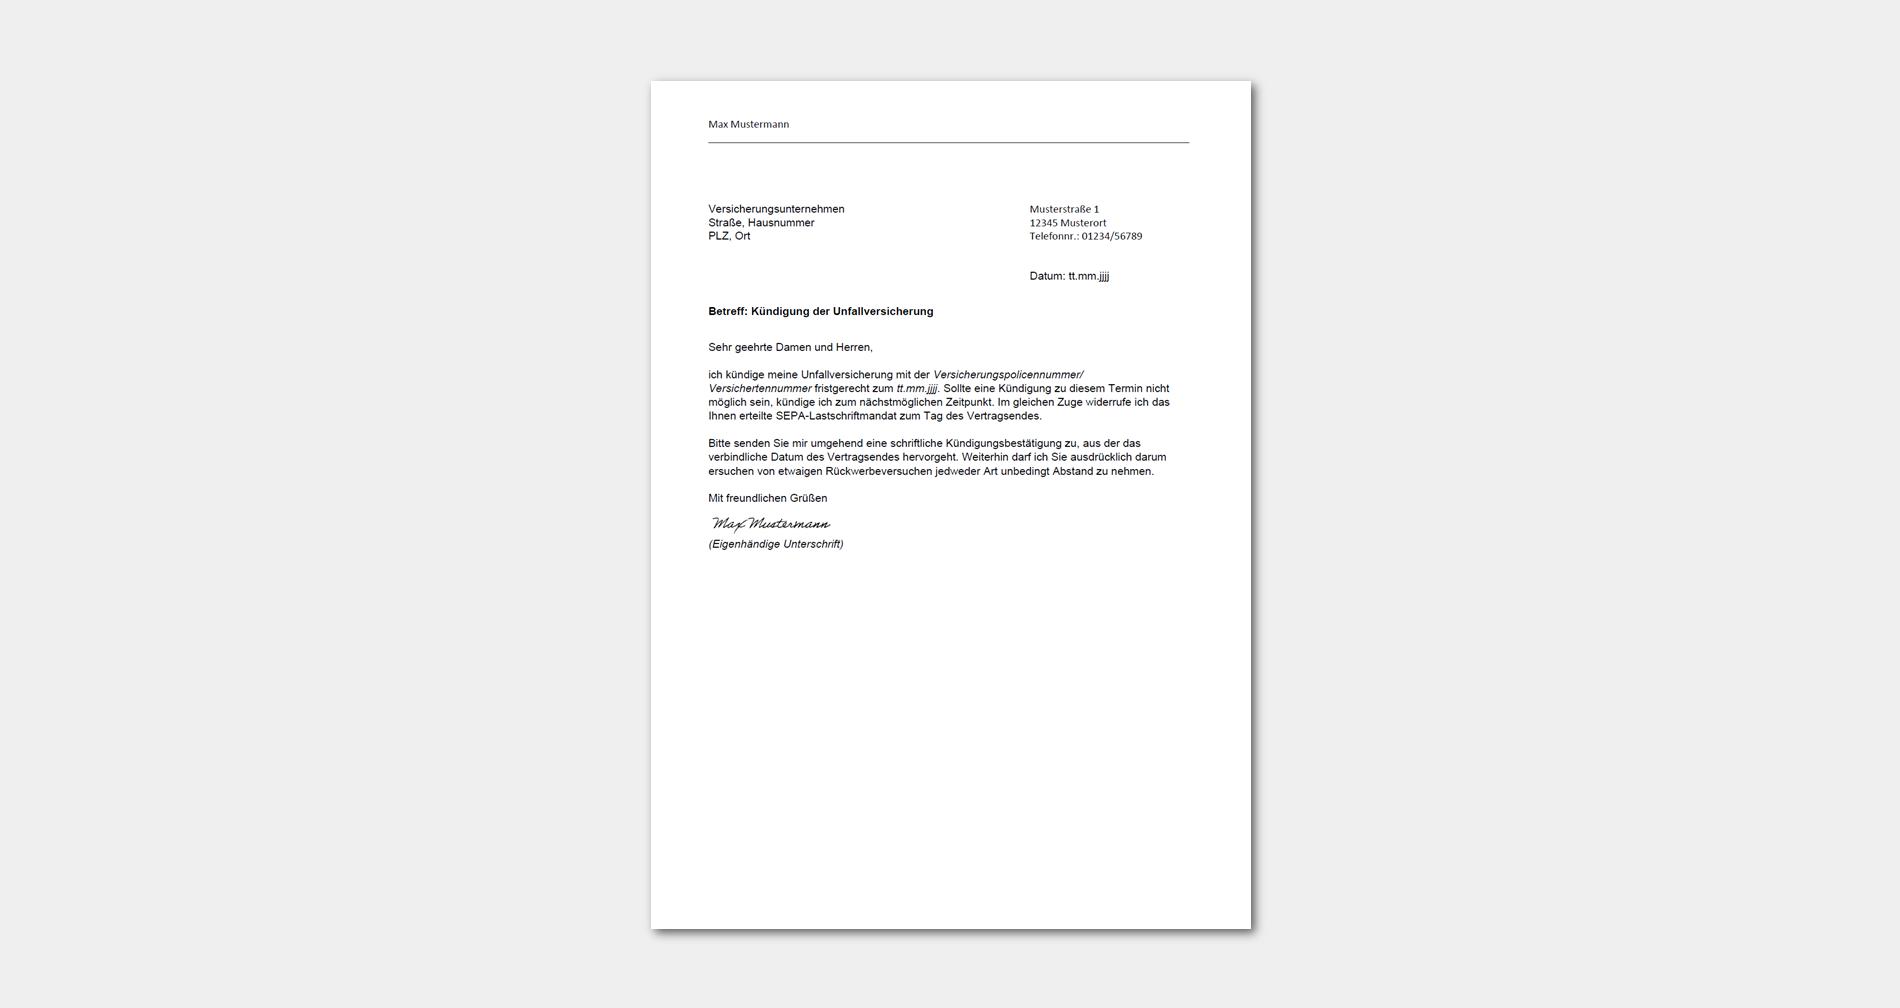 Unfallversicherung Kundigen Vorlage Muster Buero Info